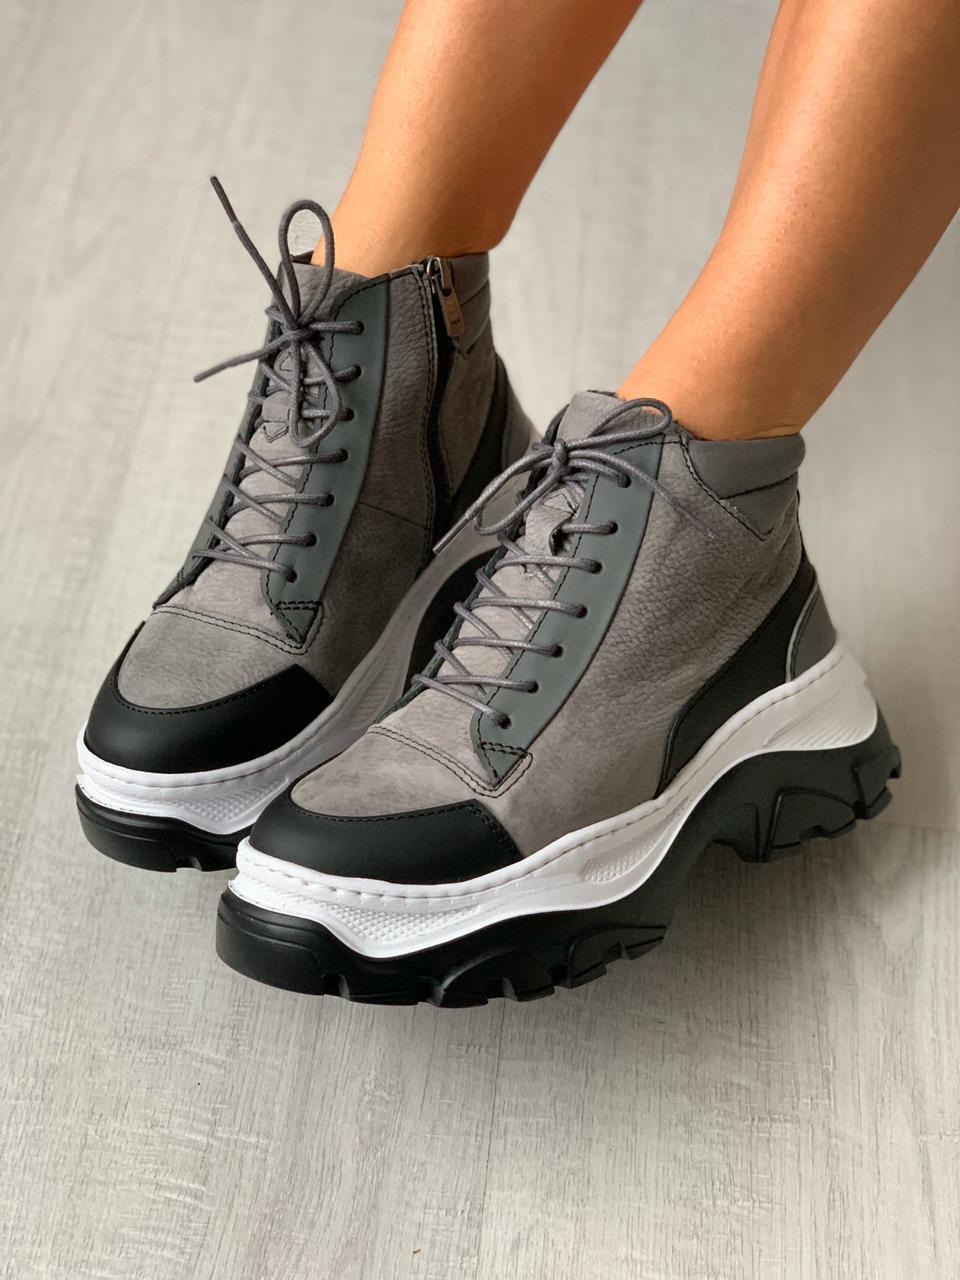 Особенности и преимущества ботинок из нубука, советы по выбору и уходу